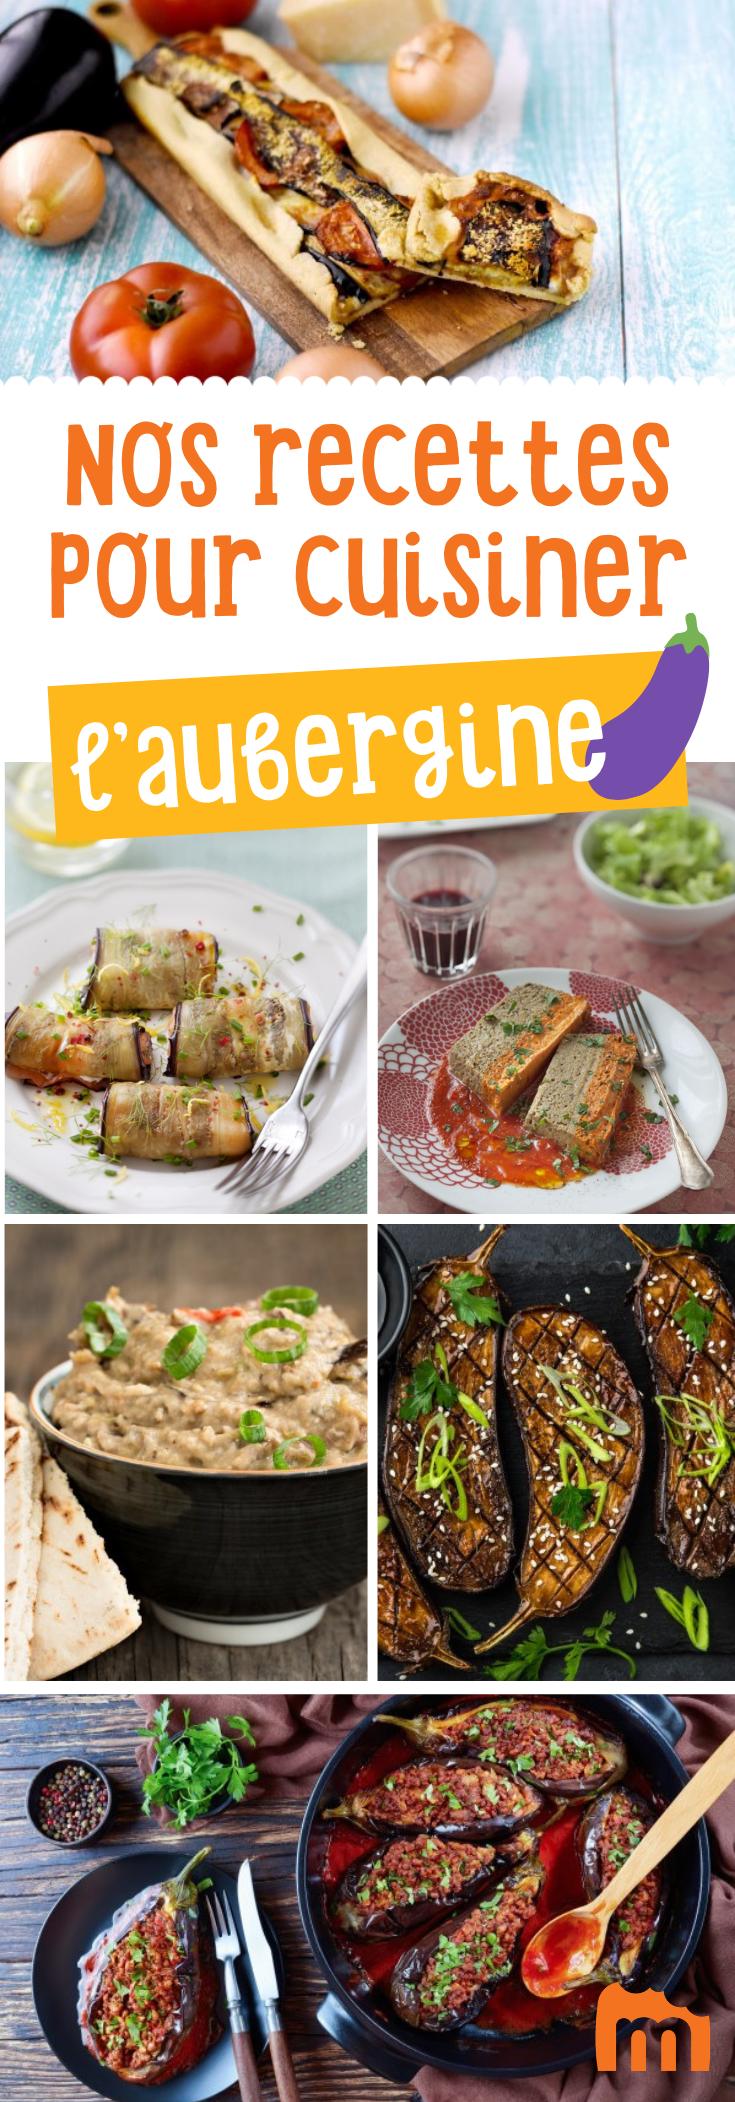 Nos 20 Recettes Gourmandes Pour Cuisiner L Aubergine Cuisiner Les Aubergines Recettes De Cuisine Recette Gourmande